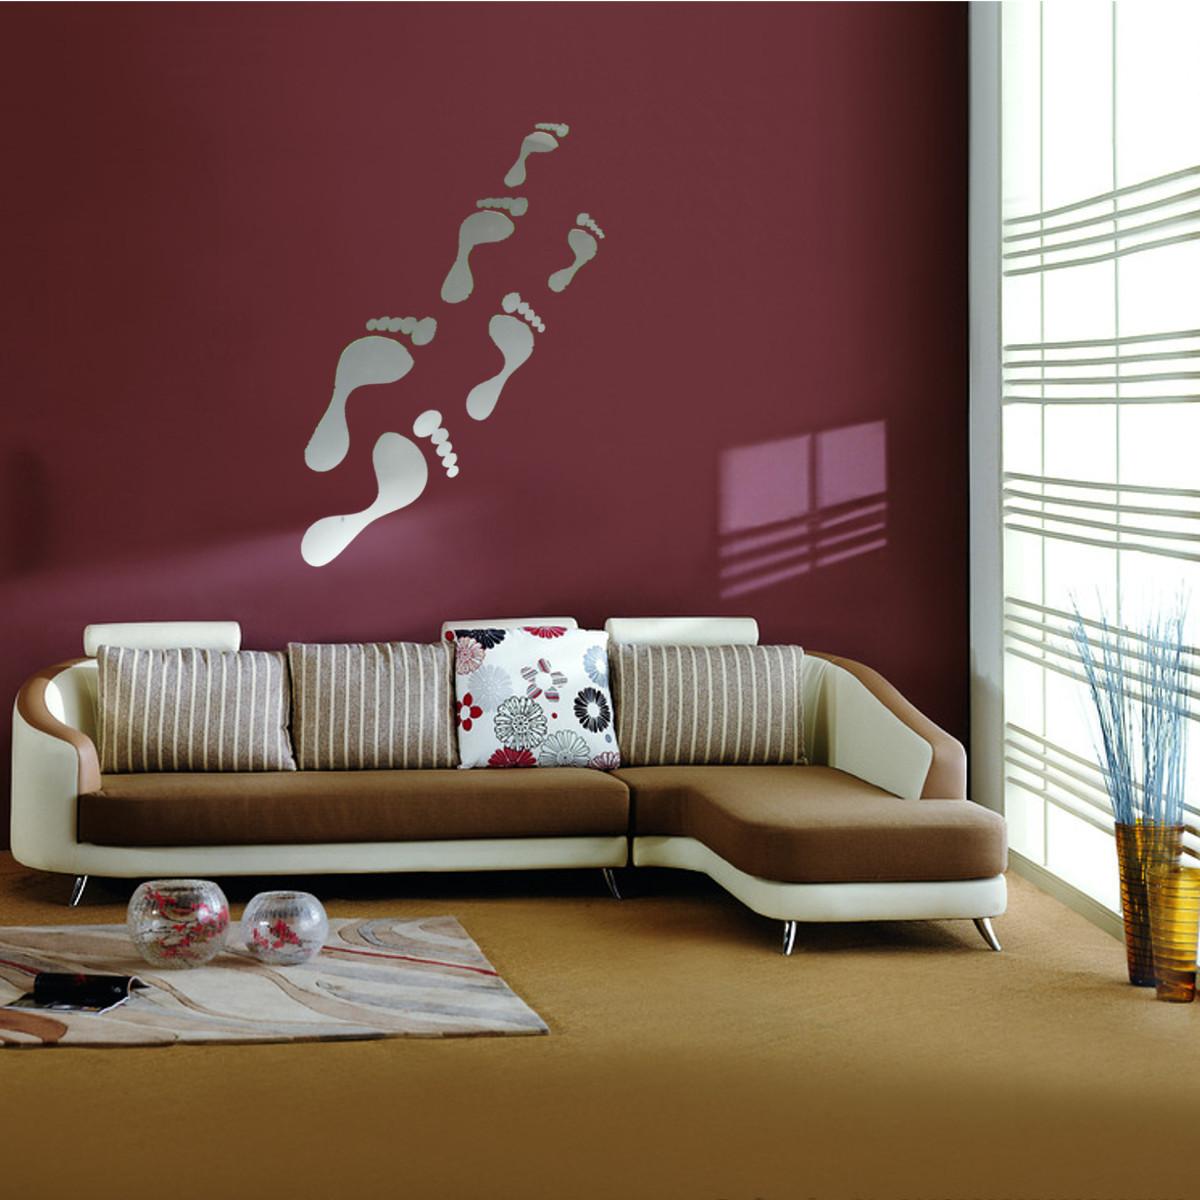 Diy Wall Decor For Office : Modern d mirror acrylic home room office diy decor art